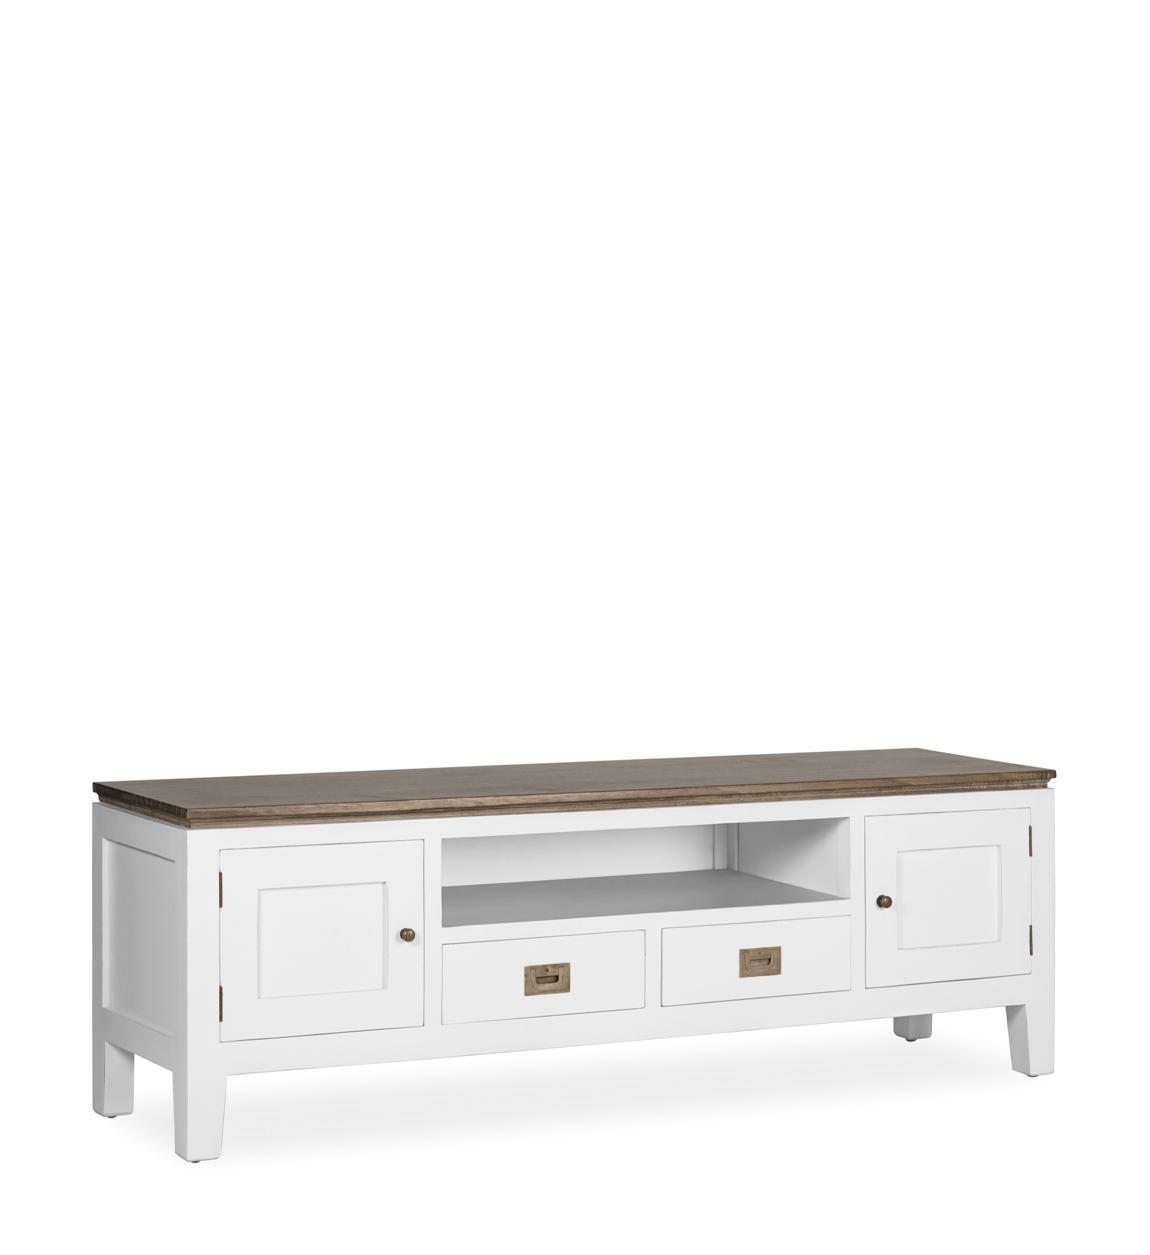 Meuble tv en bois blanc L 150 cm